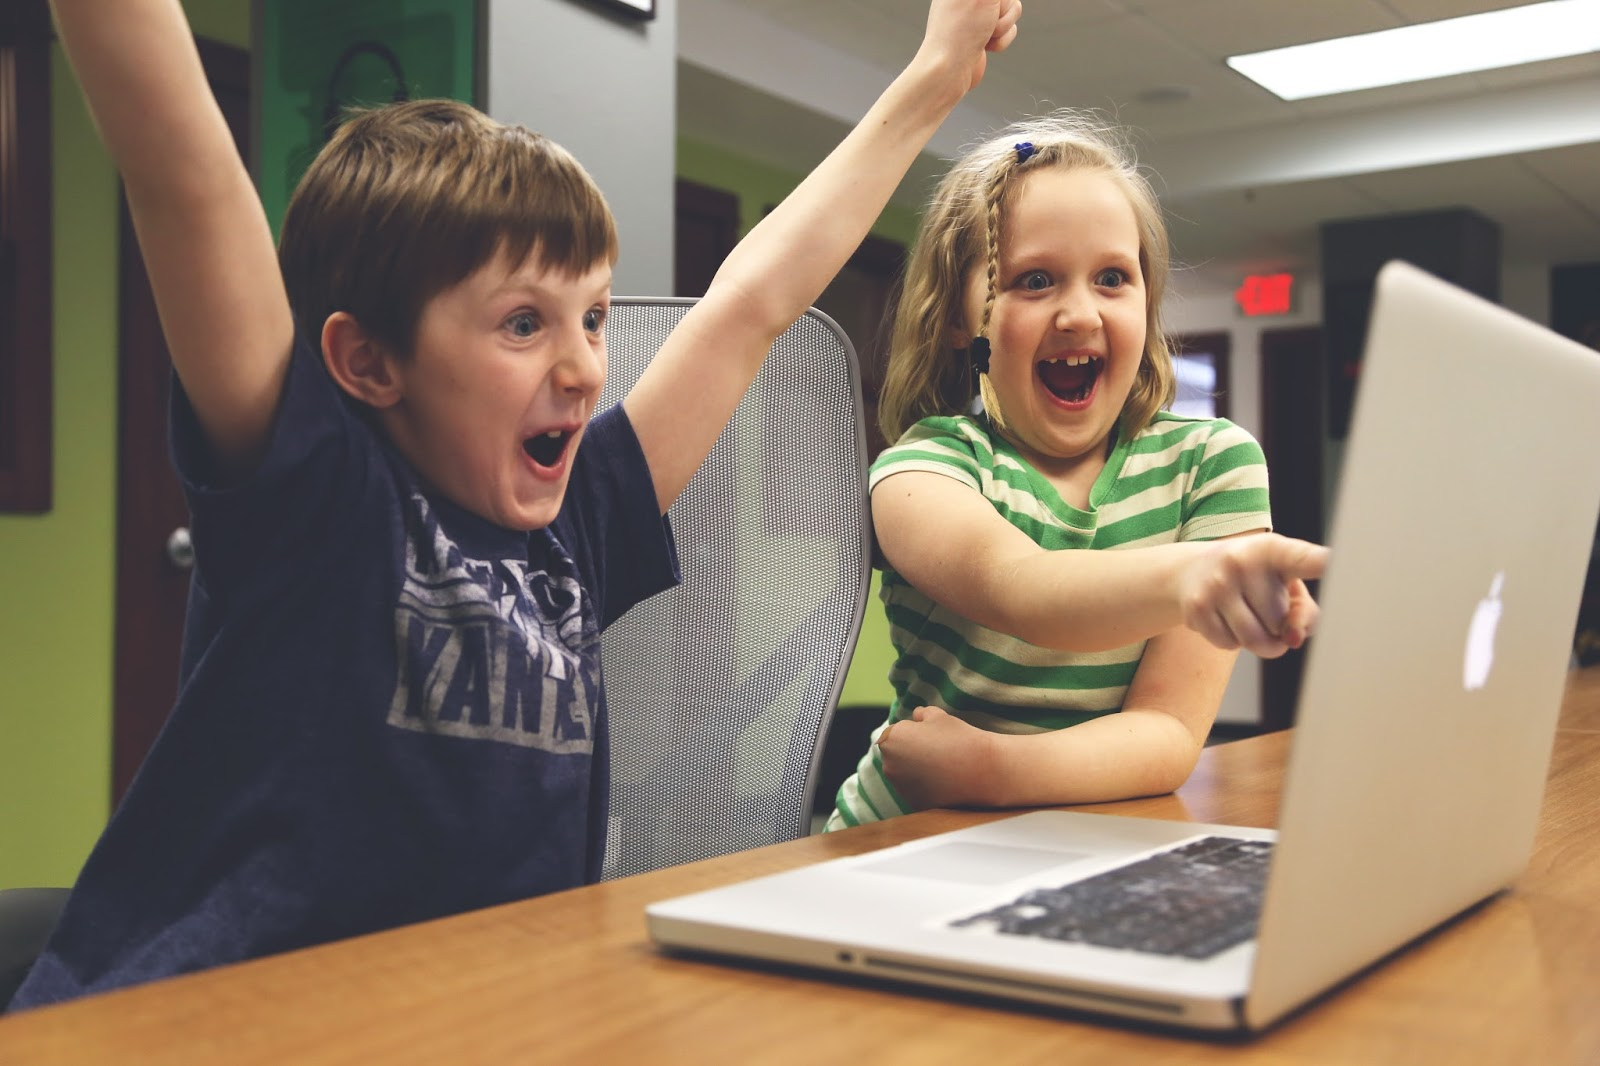 Jawaban-Jawaban Ujian Siswa Kreatif dan Super Gokil..!